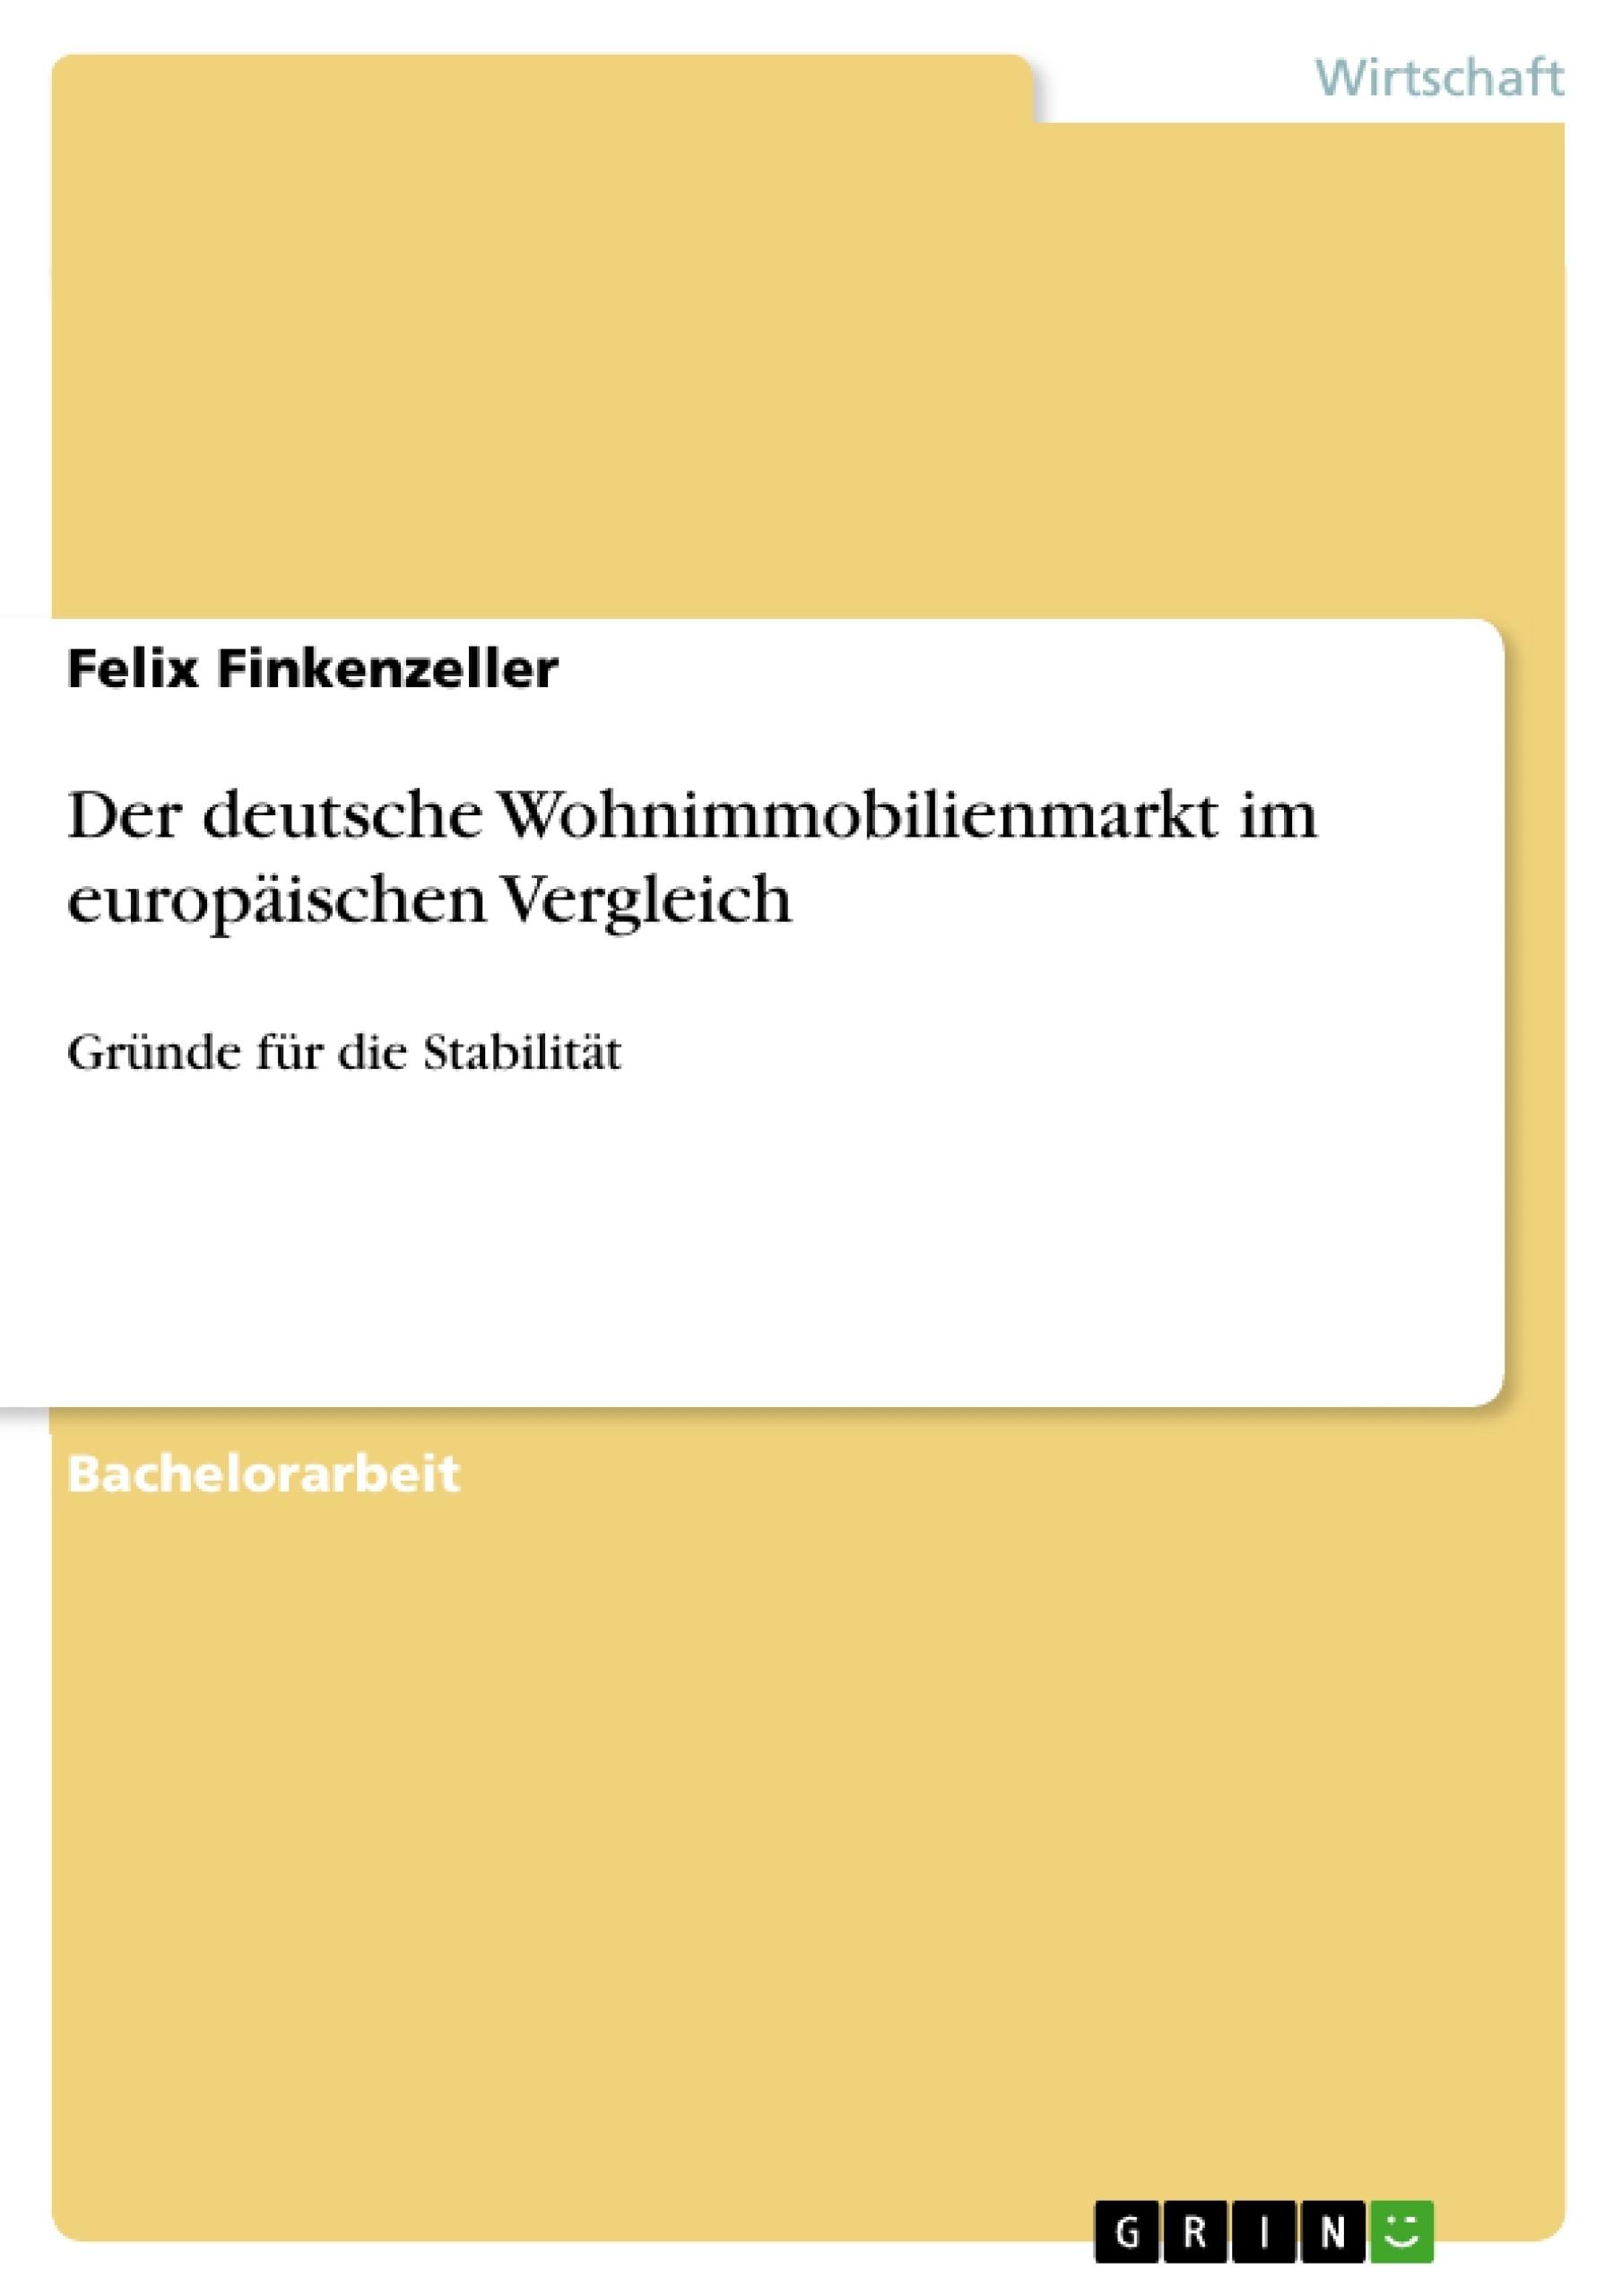 Titel: Der deutsche Wohnimmobilienmarkt im europäischen Vergleich